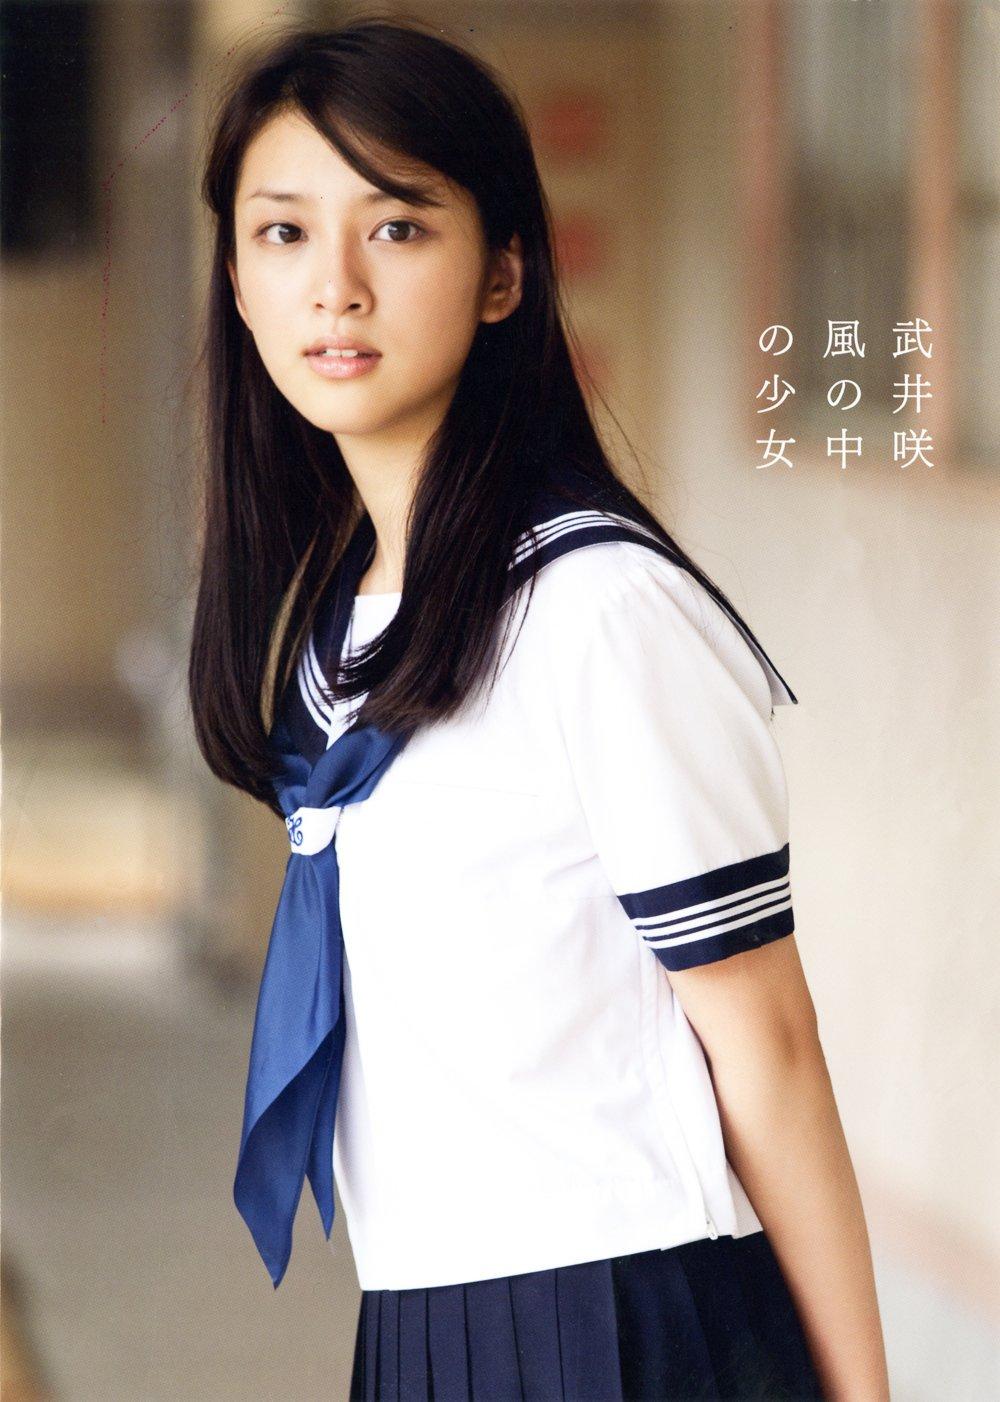 武井咲写真集「風の中の少女」